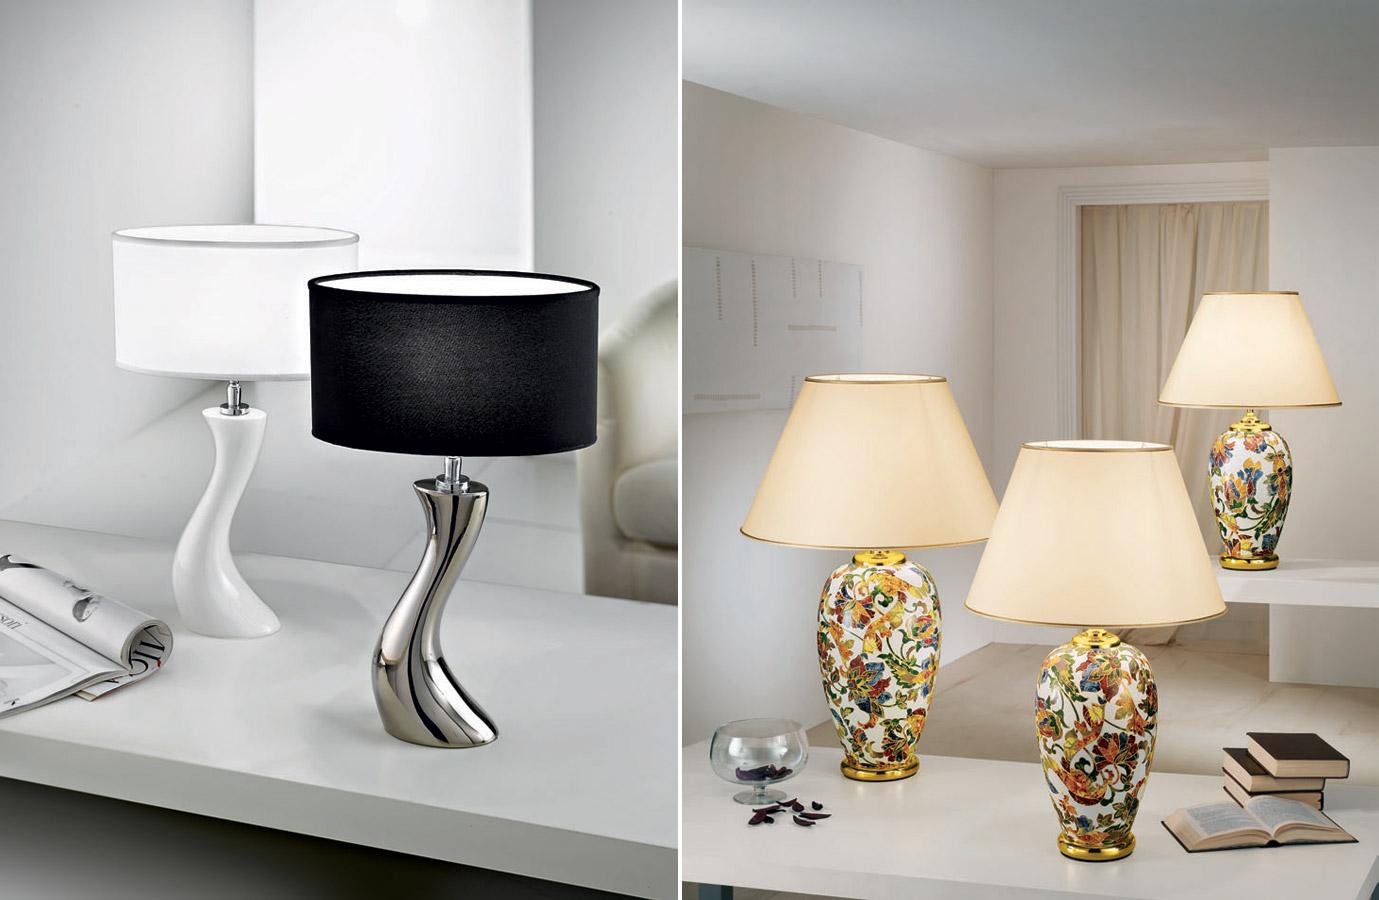 Stojací a stolní lampy dotvoří celkovou atmosféru prostoru.